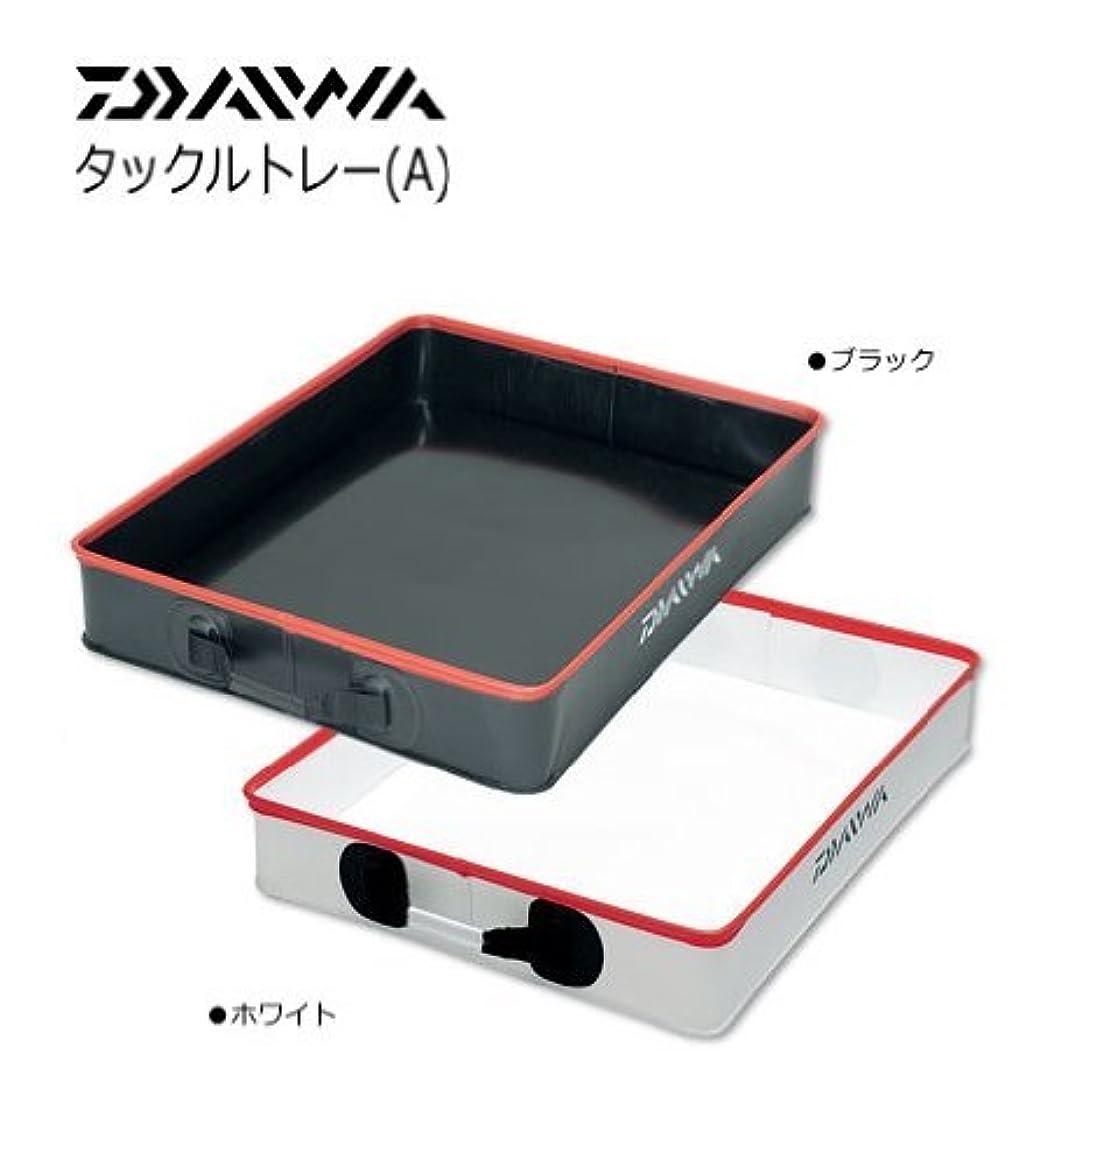 どこでもネックレットコンテンポラリーダイワ(Daiwa) タックルバッグ タックルトレー W(A) ブラック